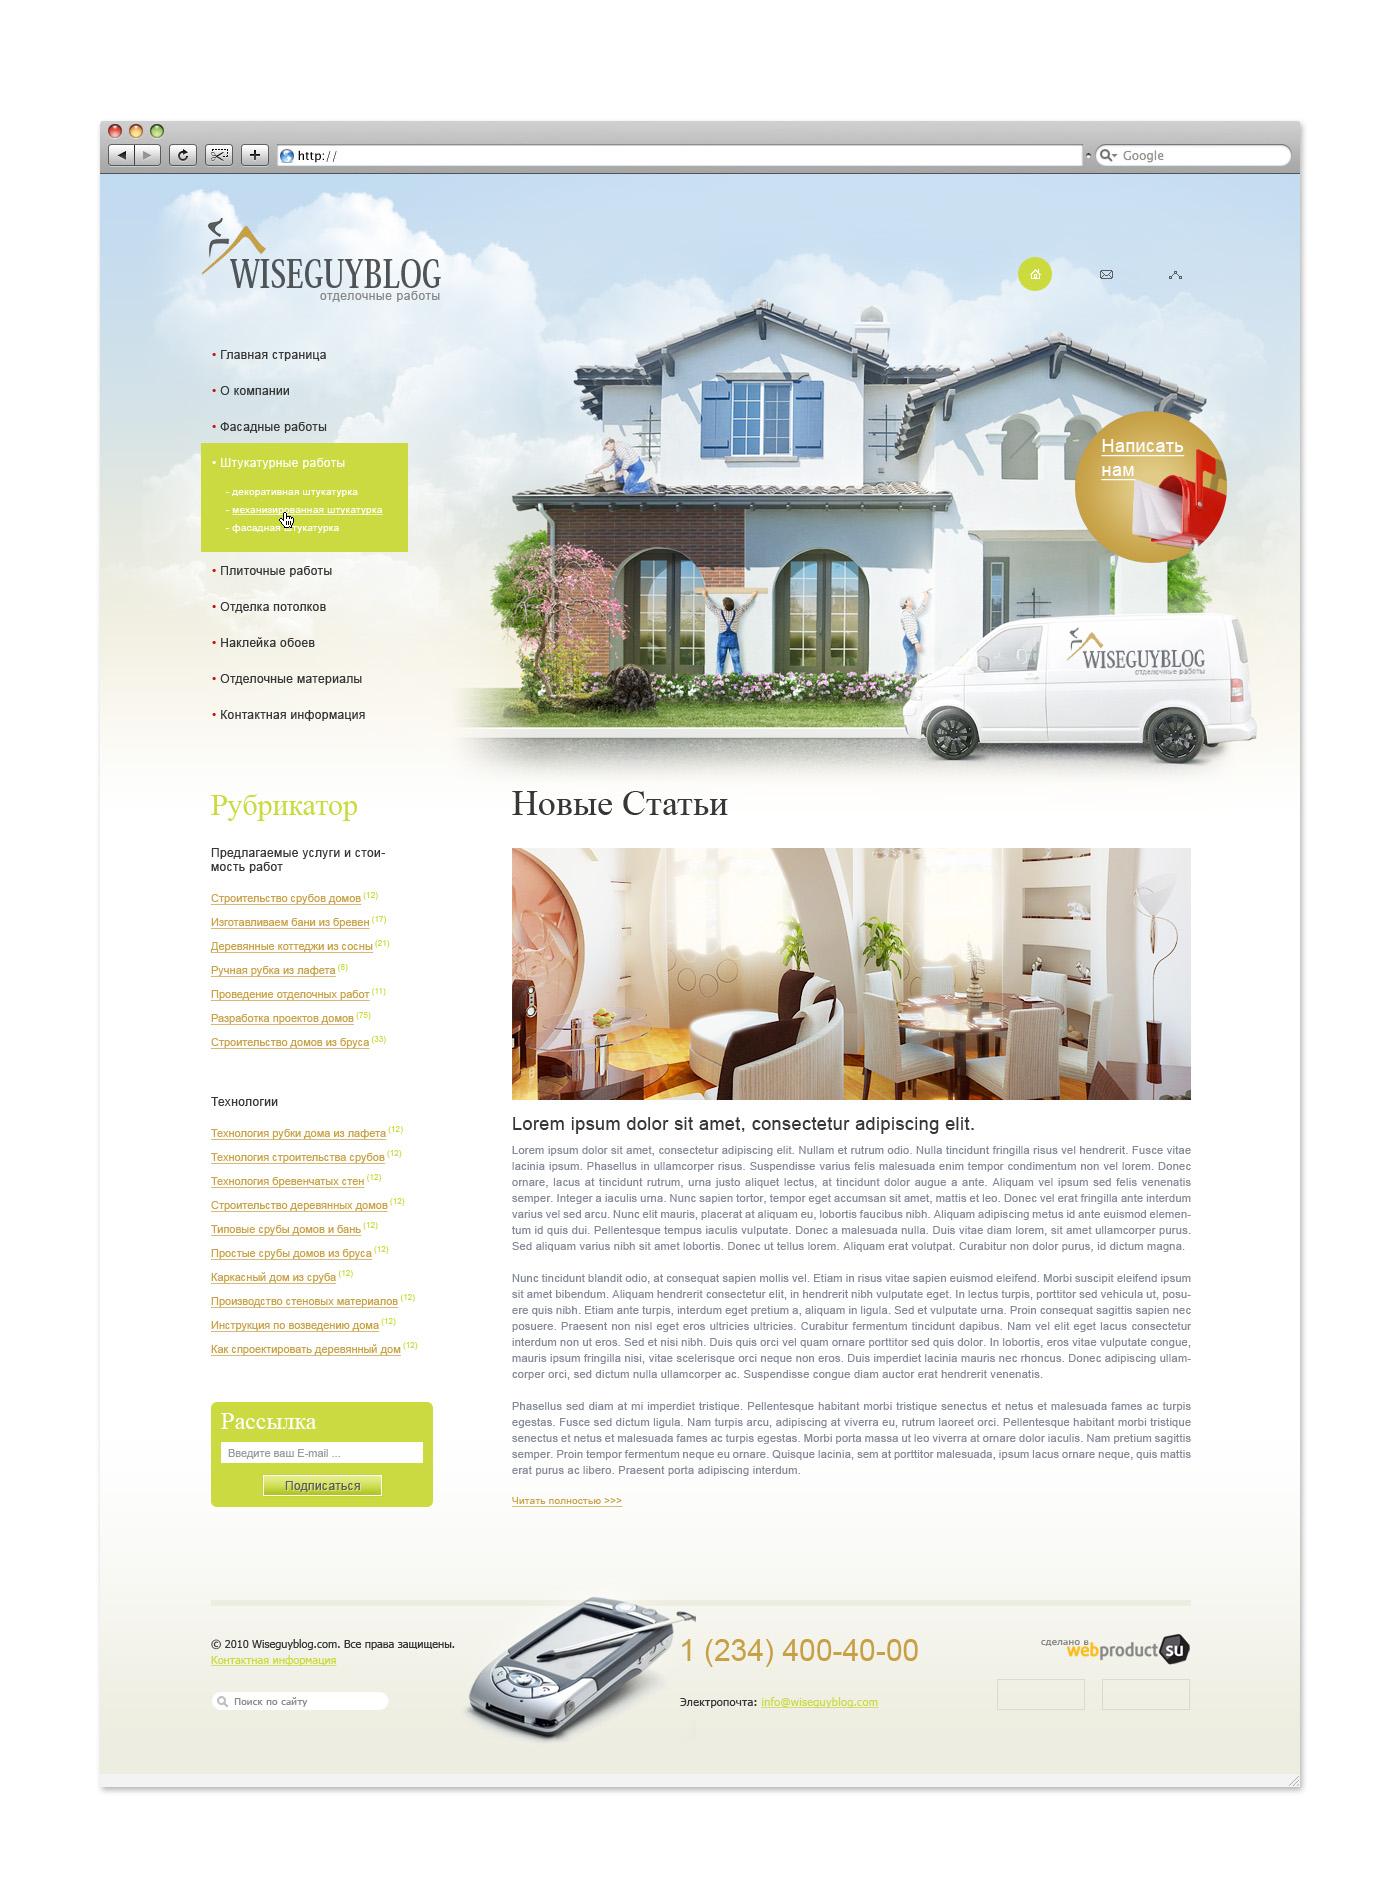 Дизайн Сайта wiseguyblog.com